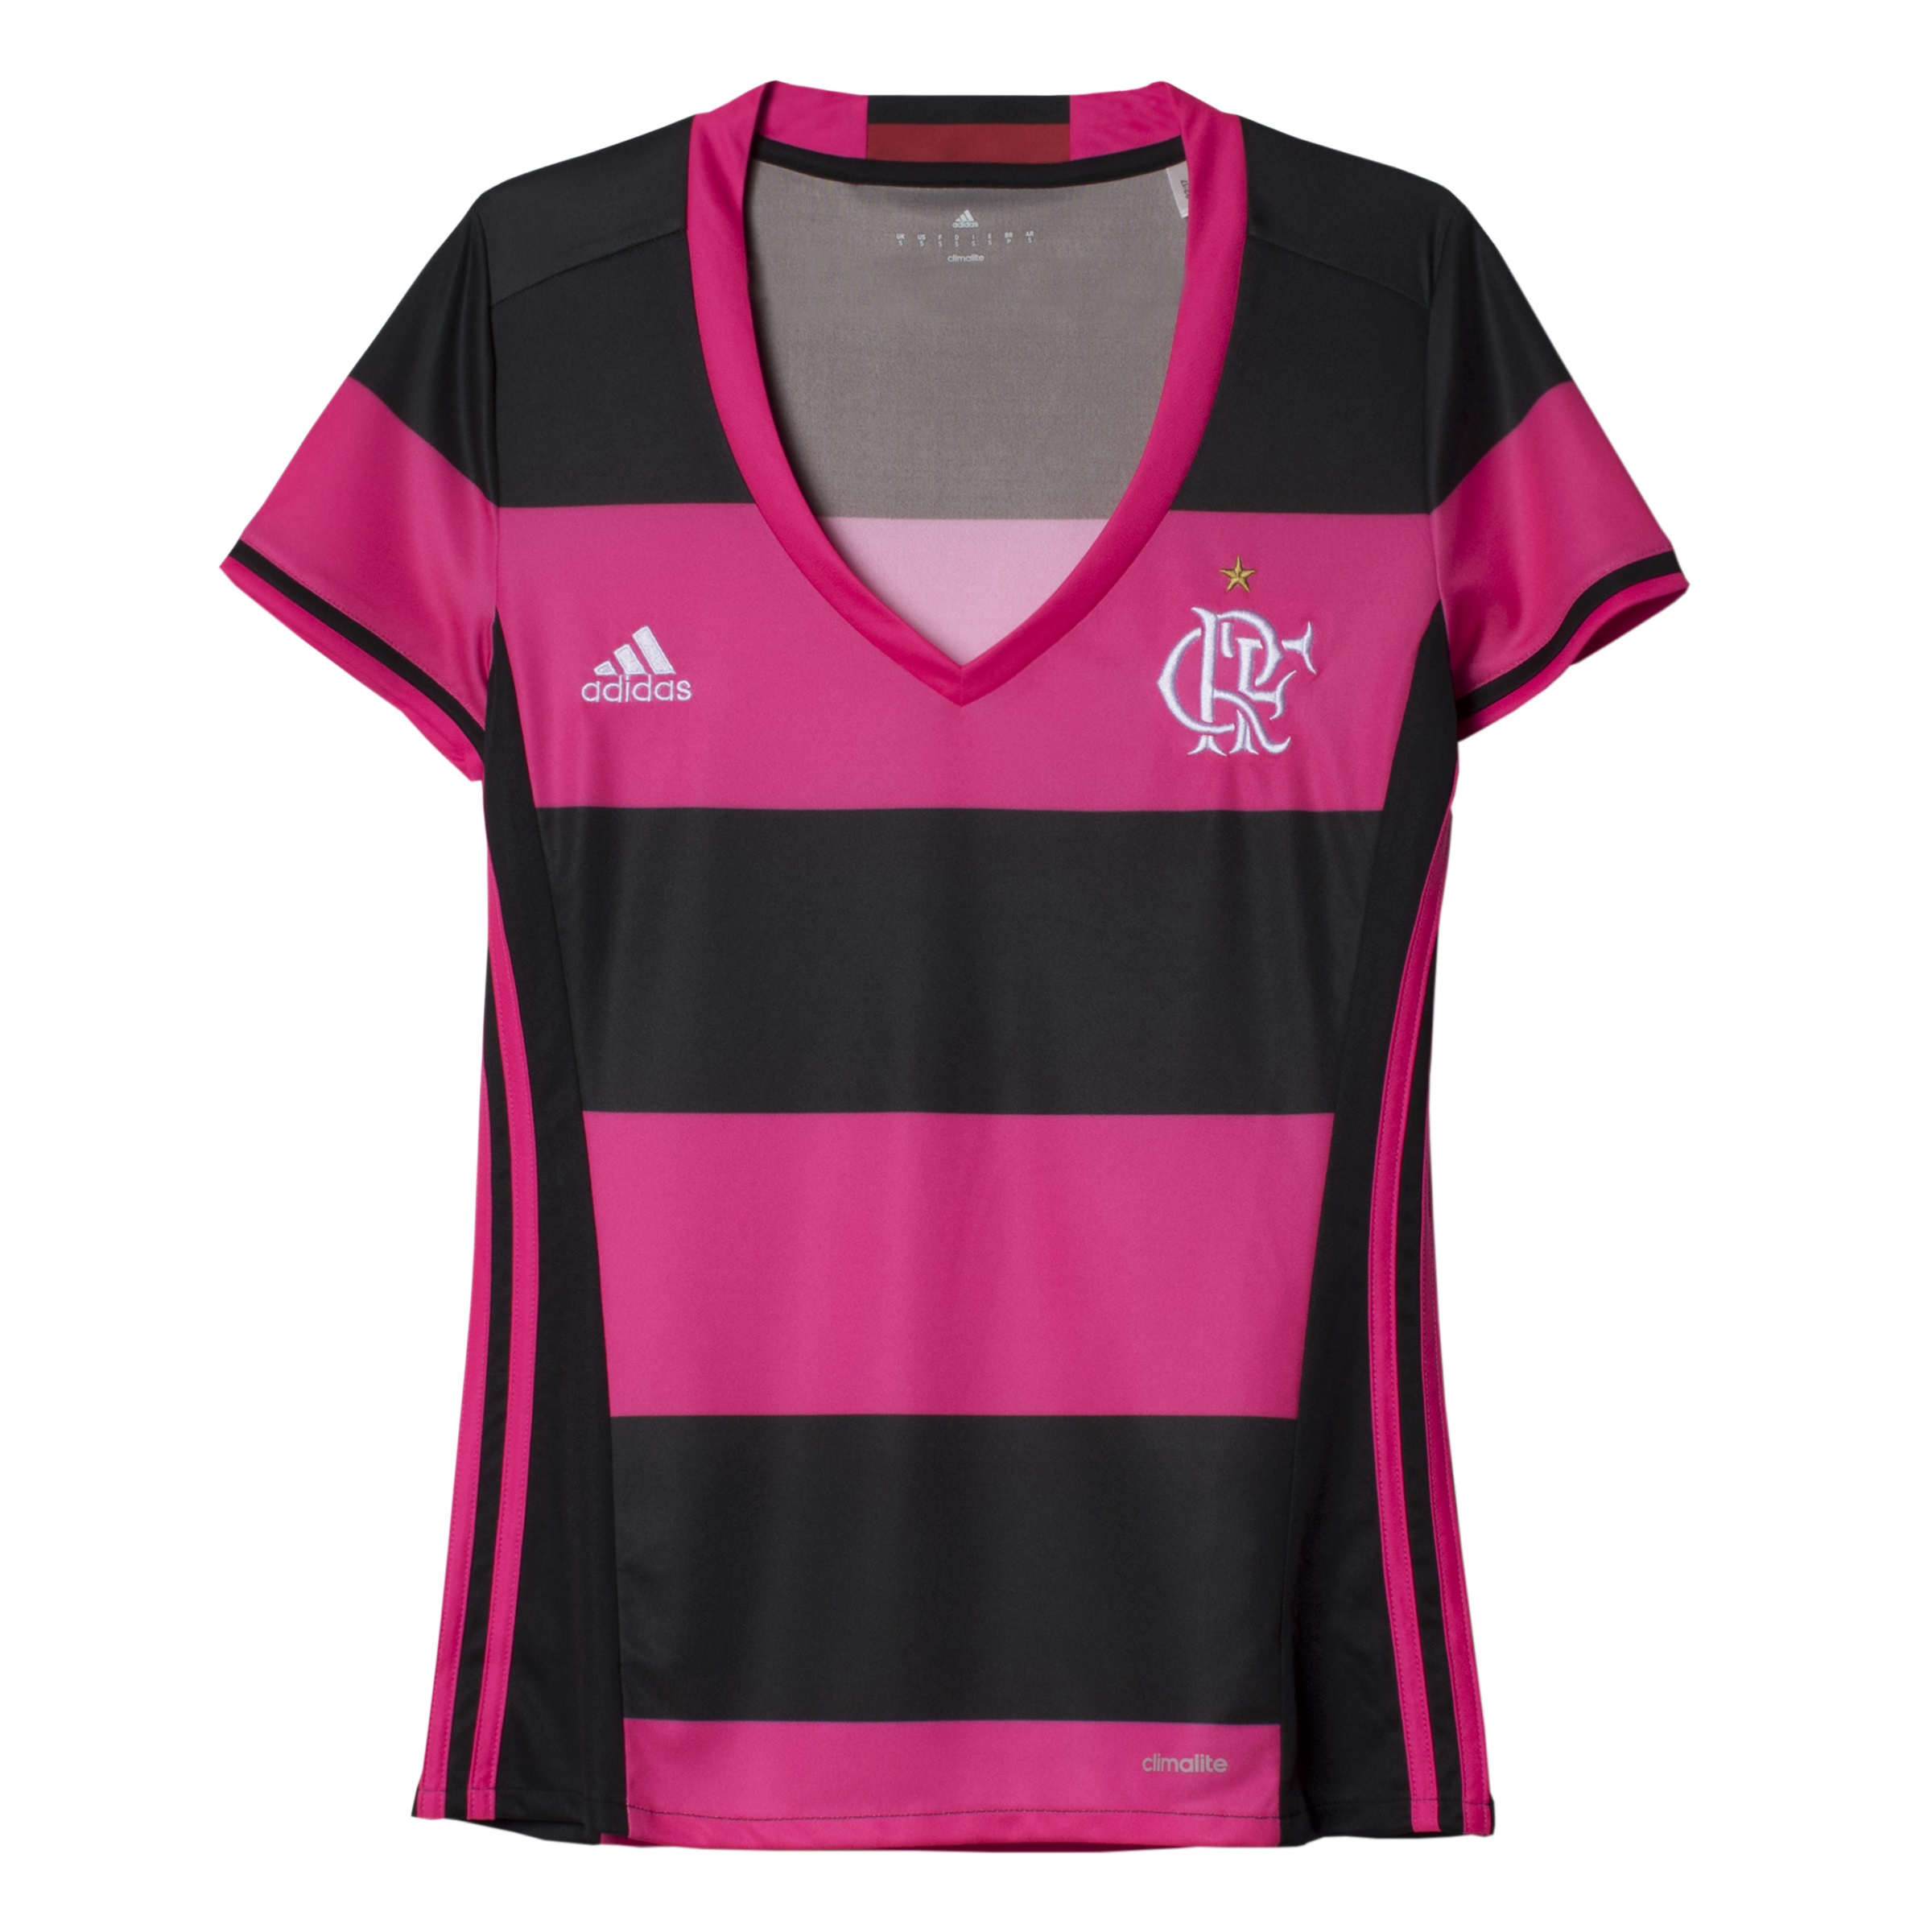 Fla lança camisa rosa e preto em comemoração ao Dia Internacional da Mulher fe5cf0f3044e6